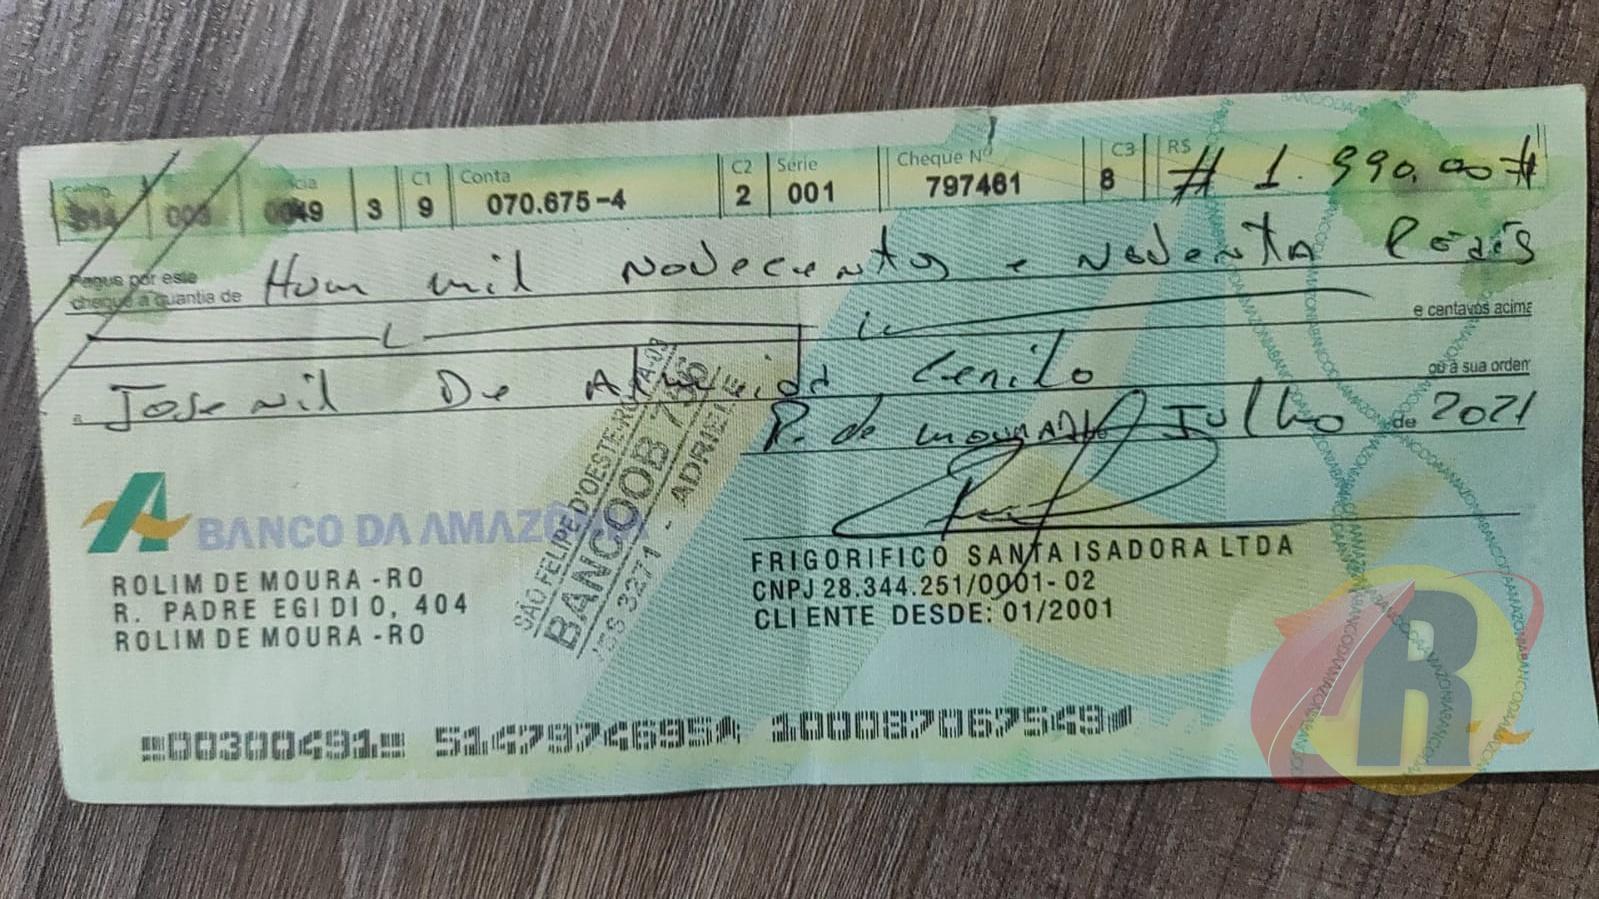 ATENÇÃO: Cheques falsos com nome de frigorífico são identificados em Rolim de Moura e Nova Brasilândia